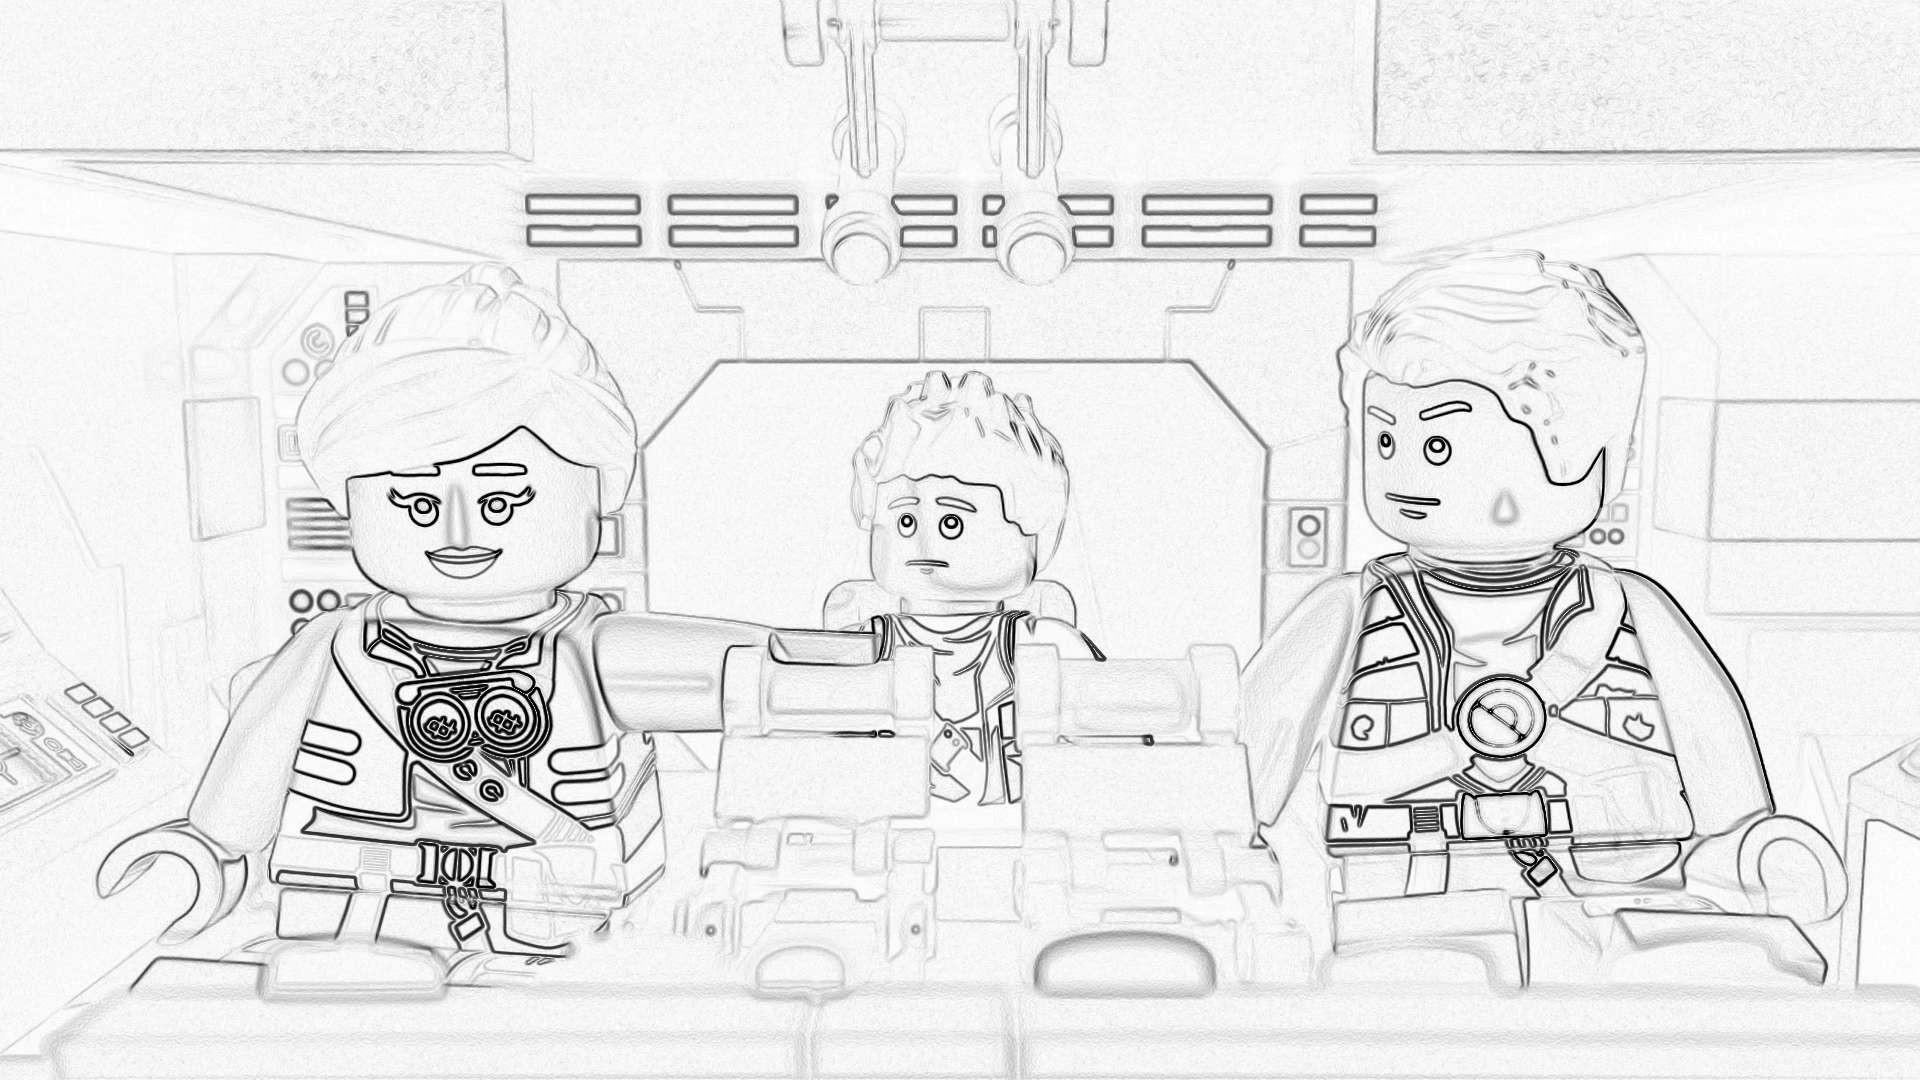 Lego Star Wars Ausmalbild Das Beste Von Lego Starwars Coloring Pages Christmas Coloring Pages Lego Schön Bilder